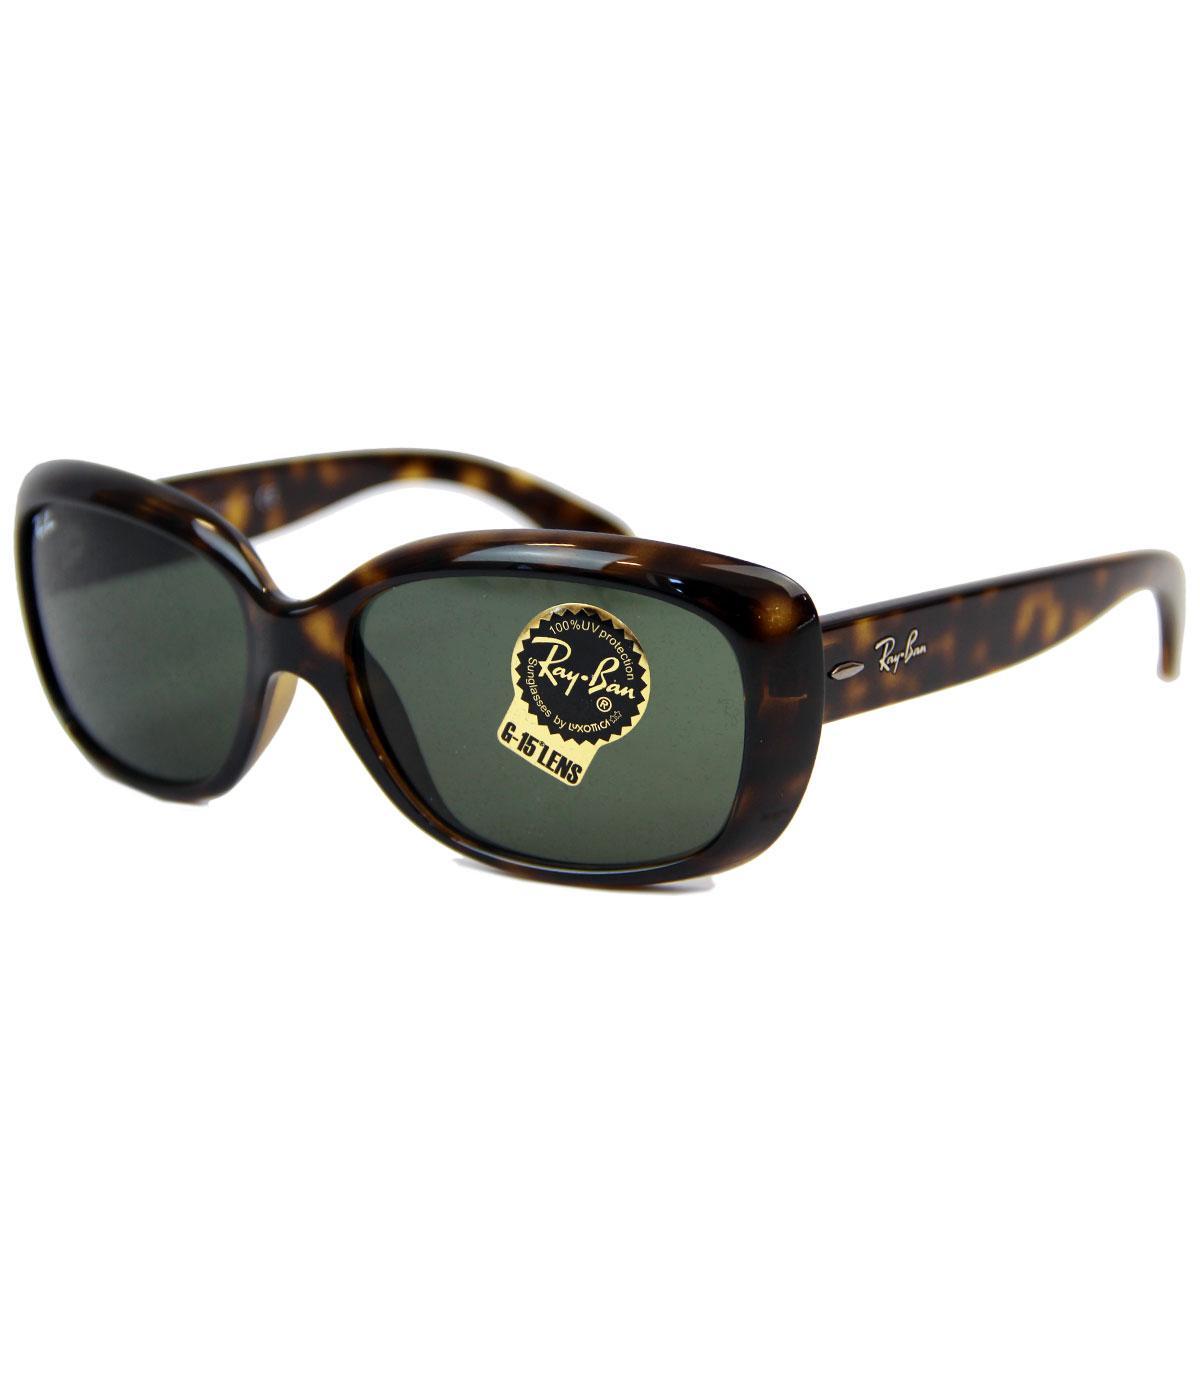 Jackie Ohh Ray-Ban Retro 60s Cats Eye Sunglasses H